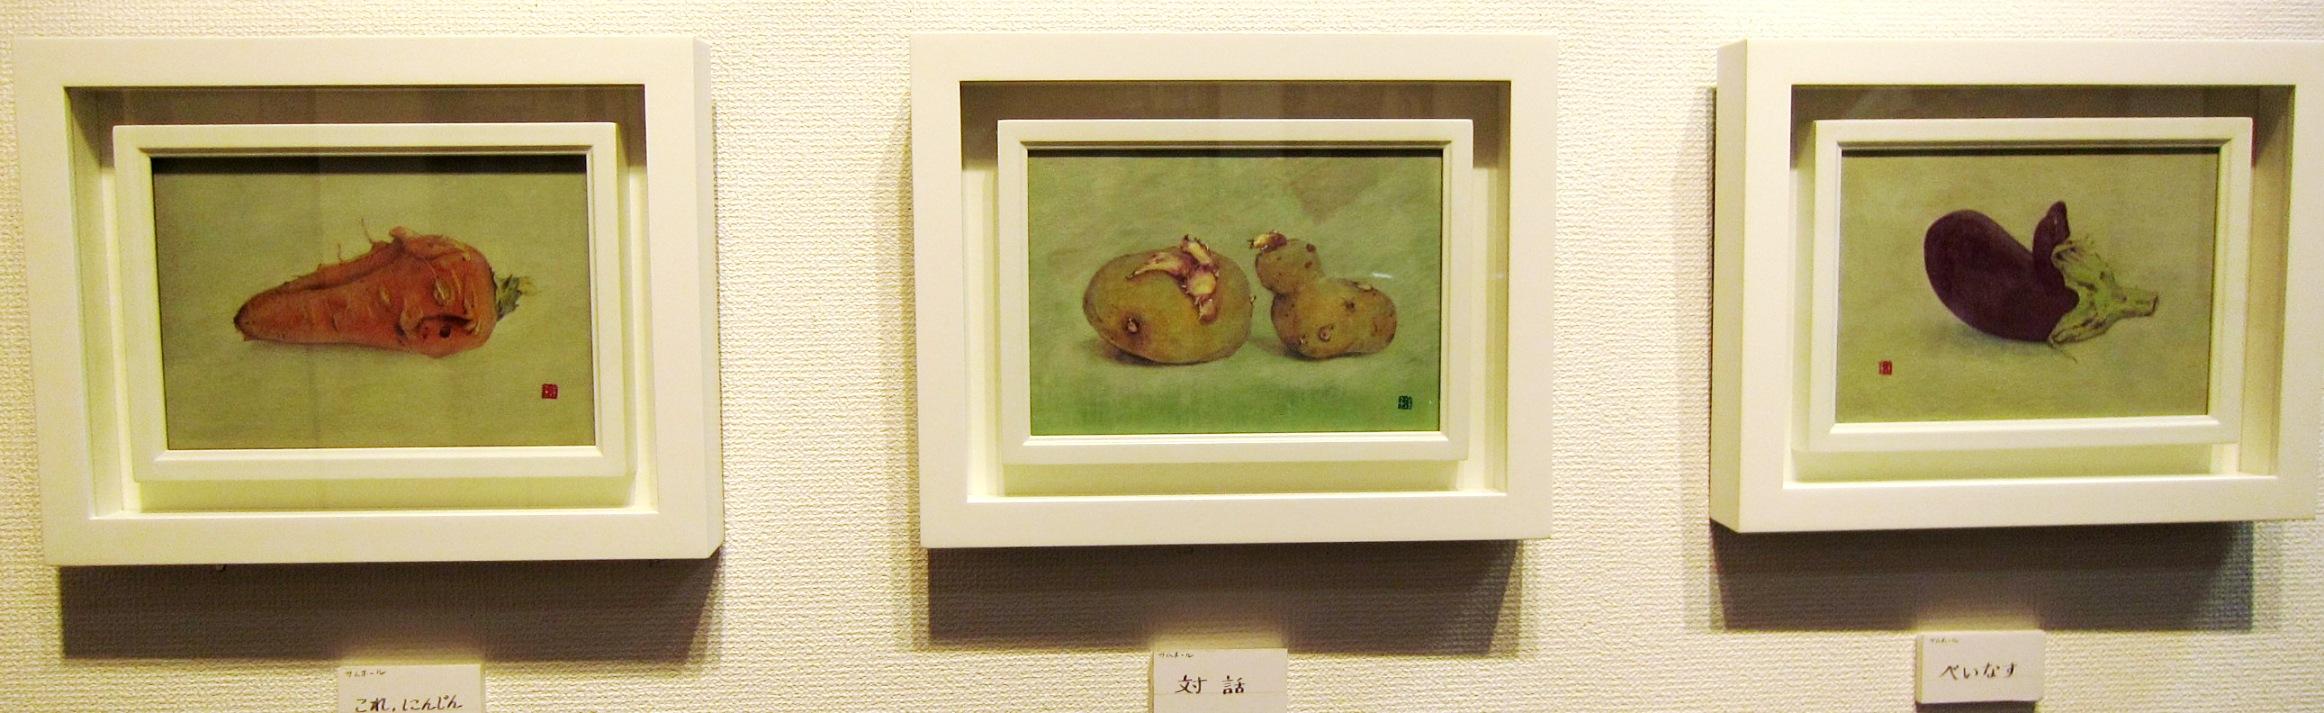 2165) 「伊藤洋子展」 道新g. 8月22日(木)~8月27日(火)_f0126829_1143128.jpg